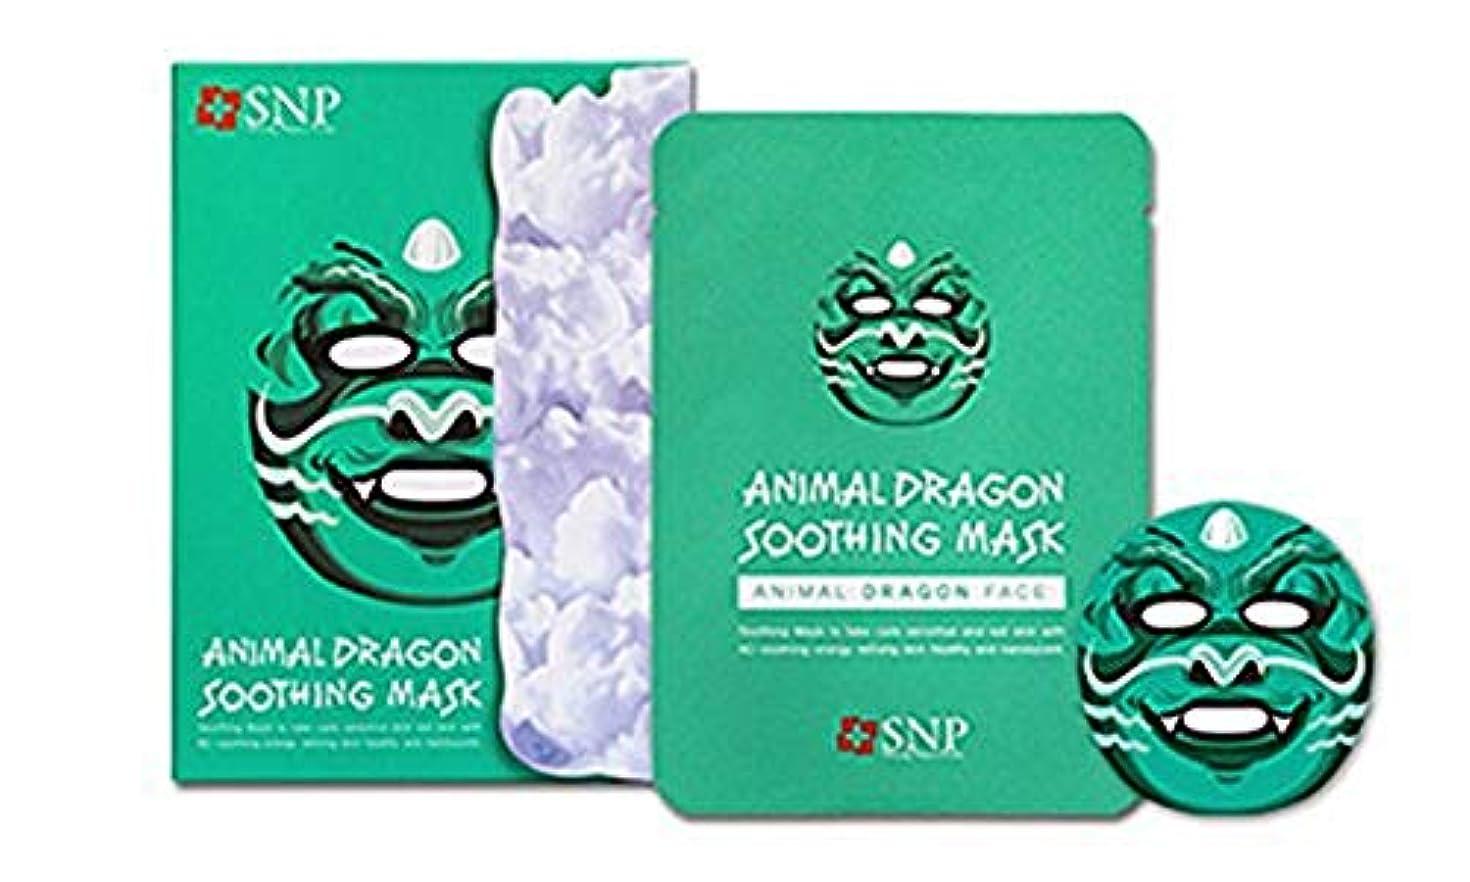 実験みがきます折り目SNP アニマル ドラゴン スーディングリンマスク10枚 / animal dargon soothing mask 10ea[海外直送品]